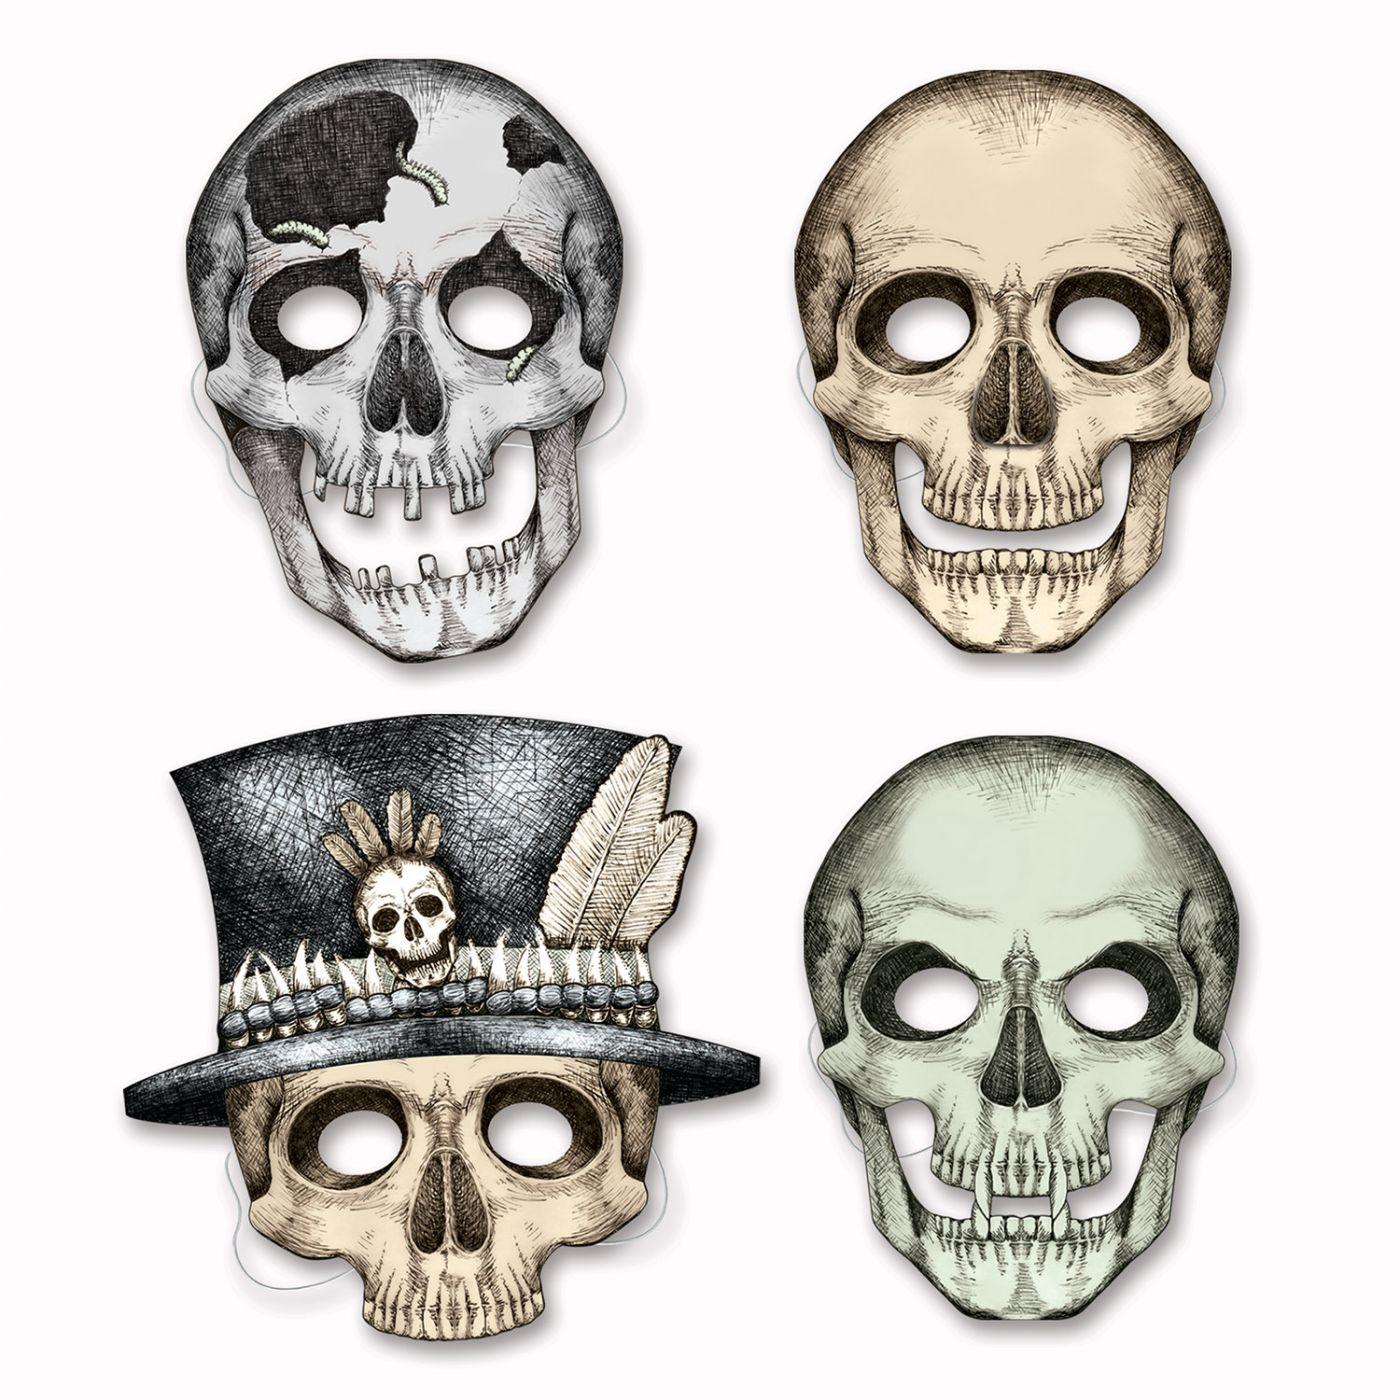 Skeleton Masks image